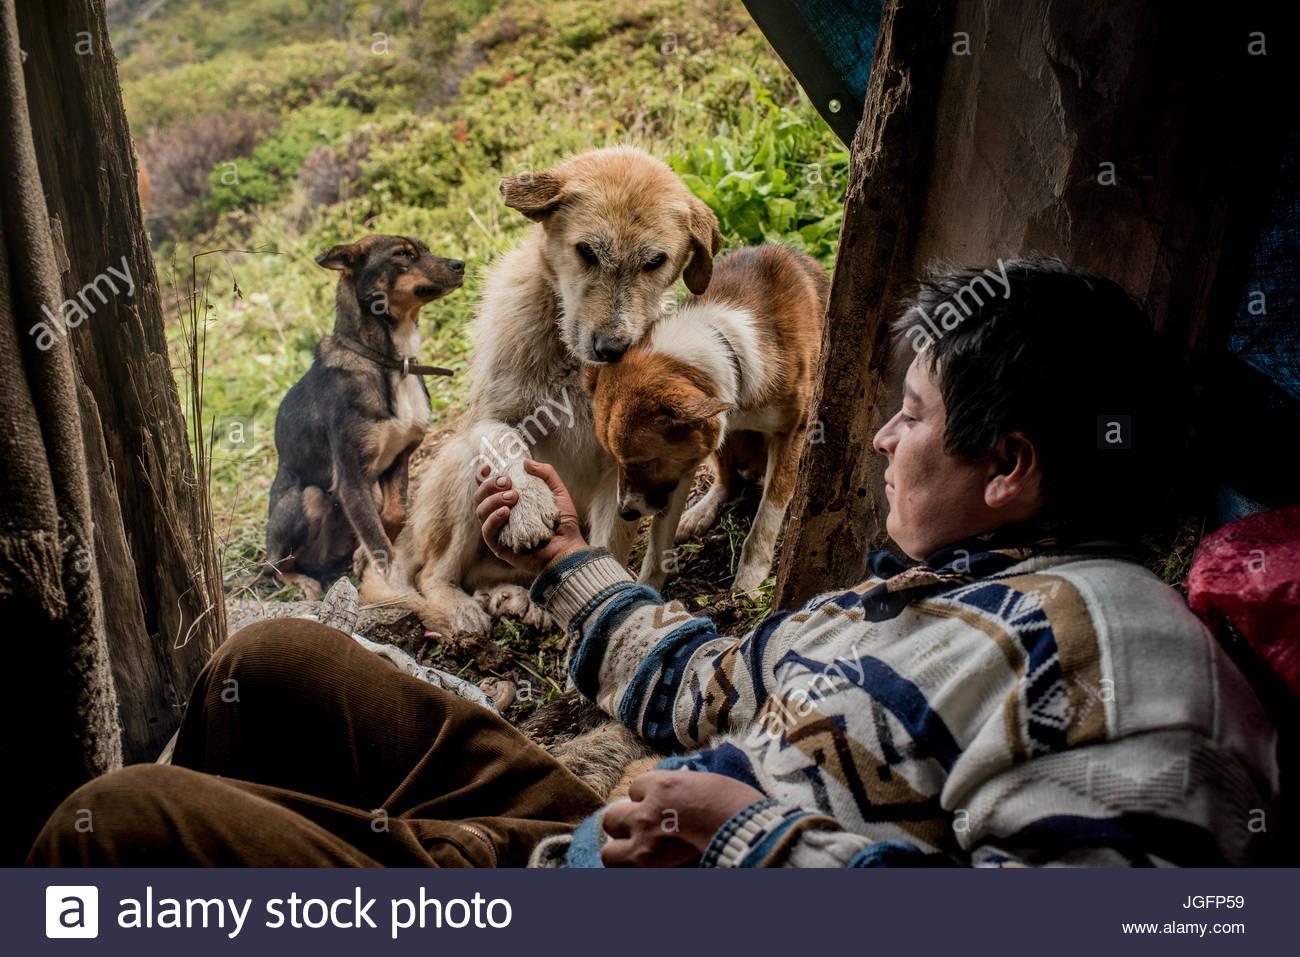 Ein Bagualero, ein Cowboy, der wilde Tiere erfassen schüttelt Hände mit ein Arbeitshund. Stockbild